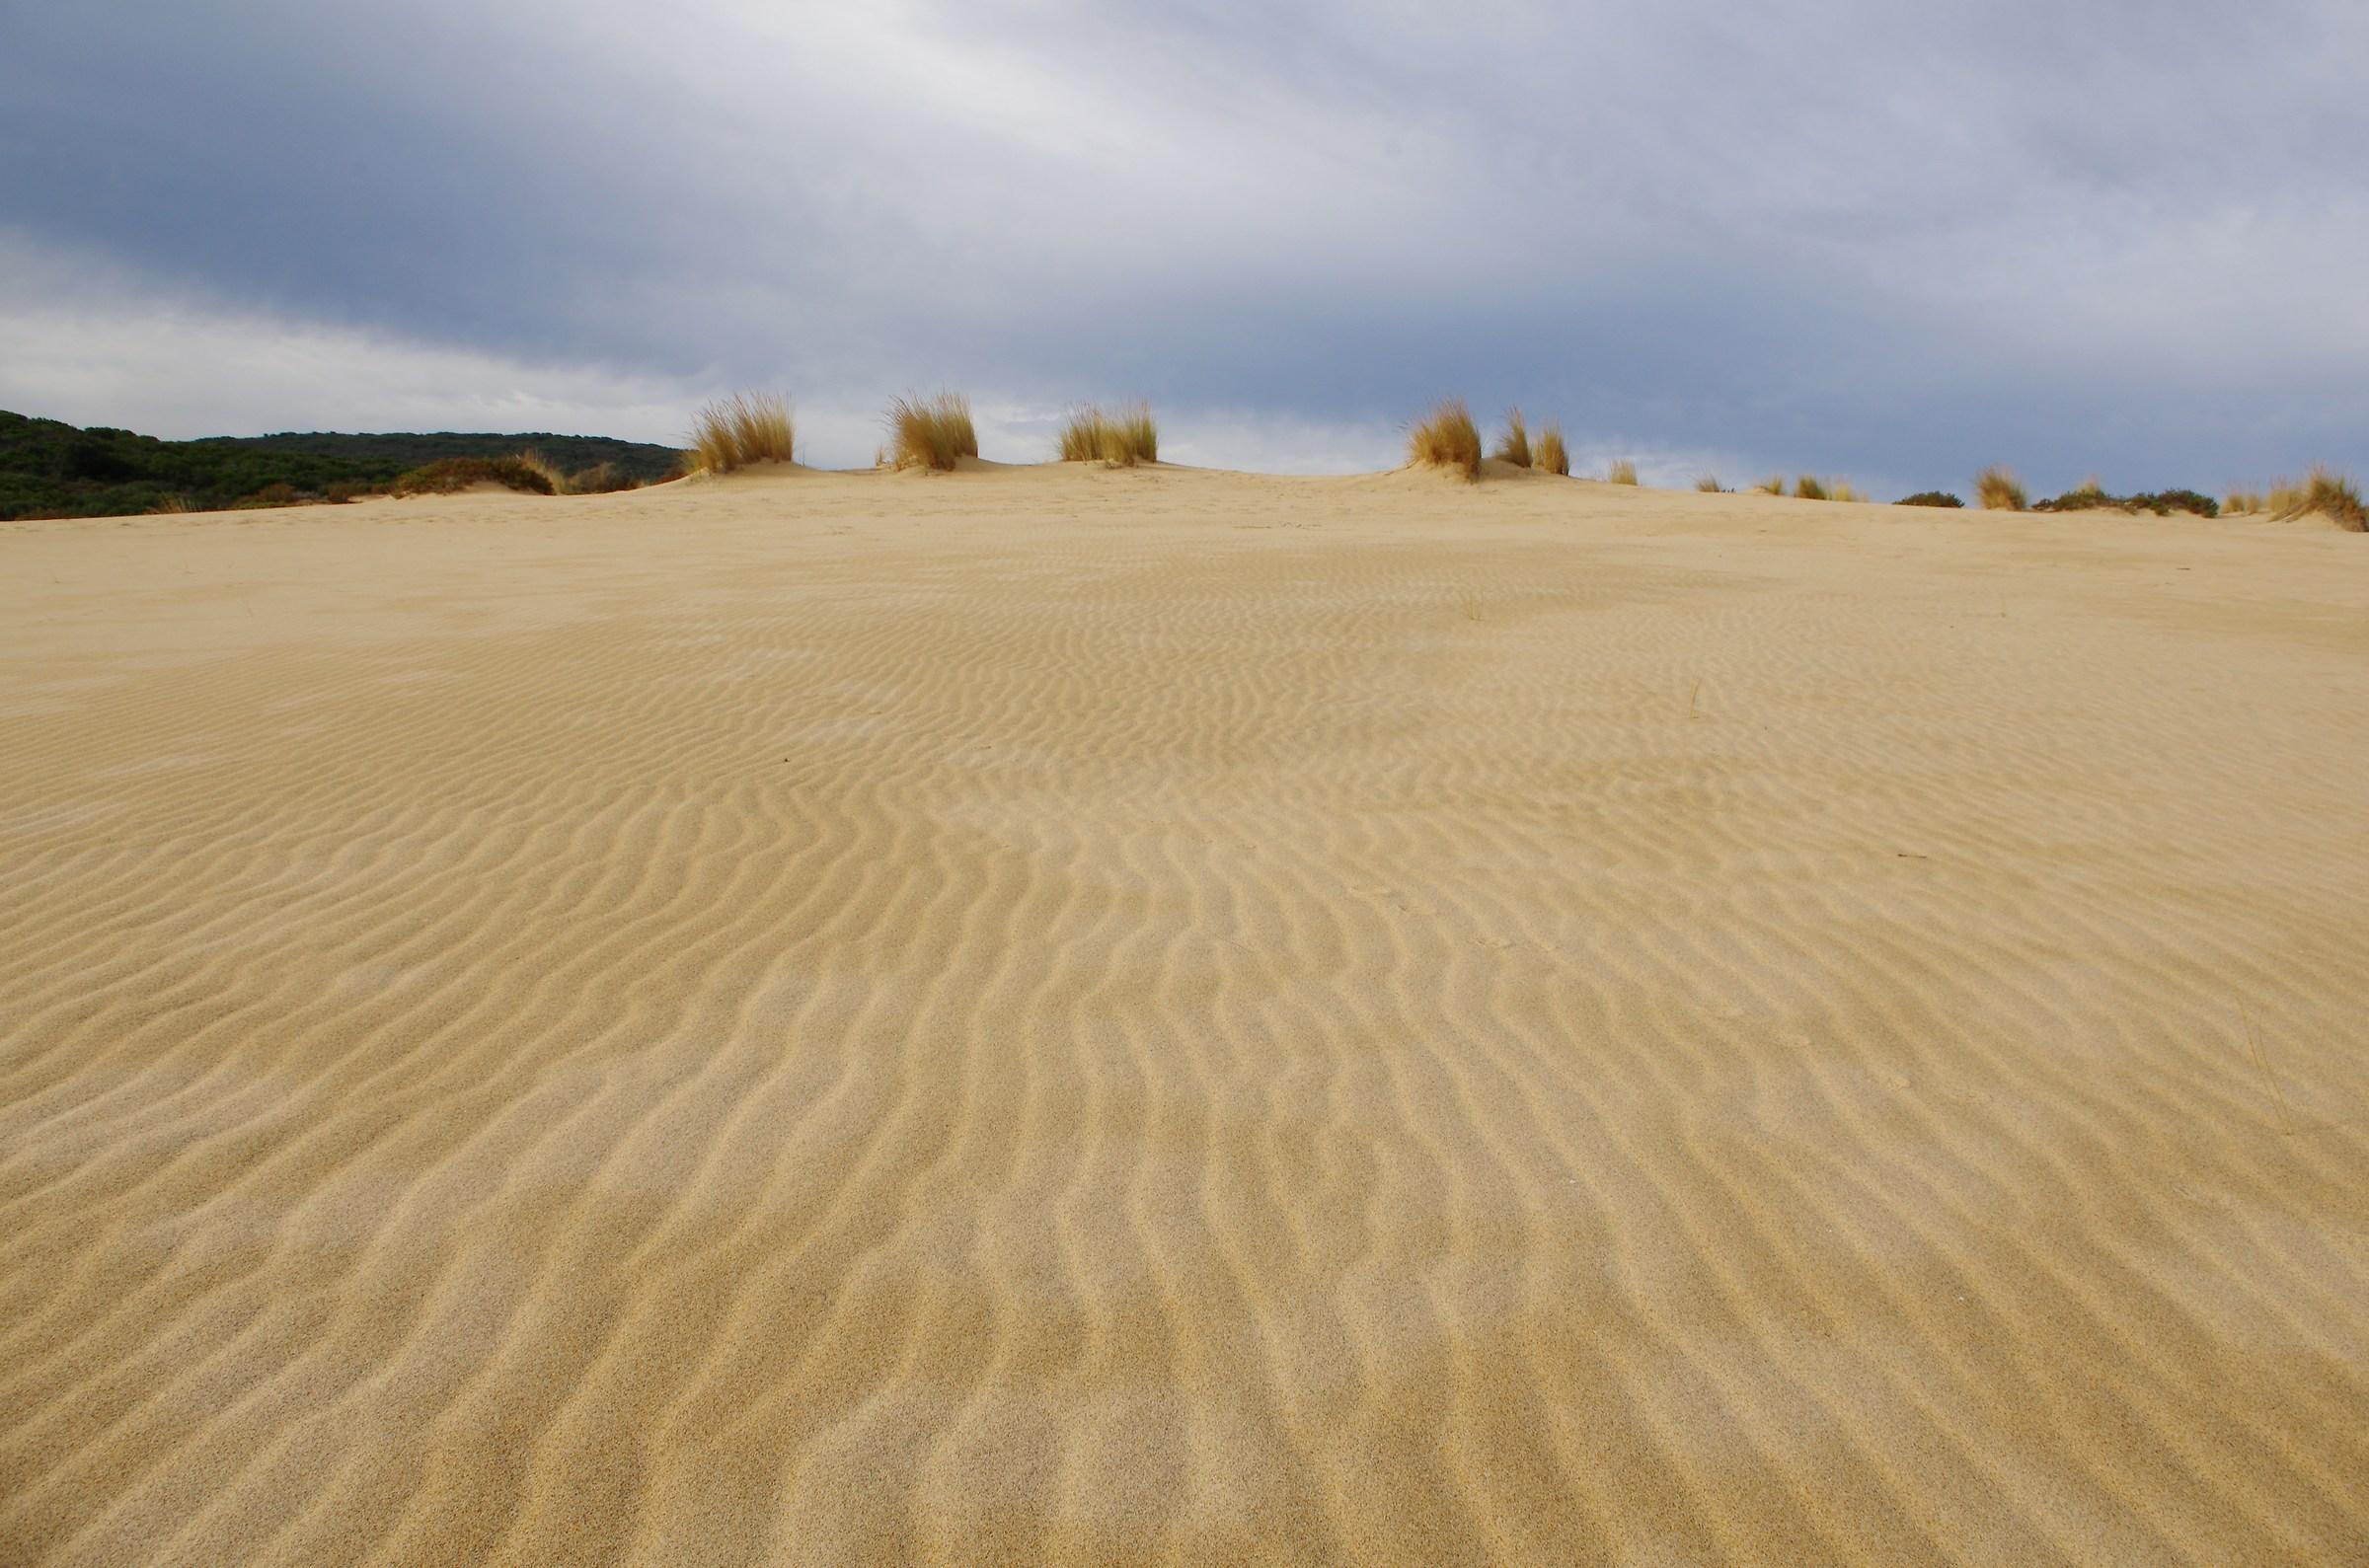 sand dunes, Piscinas (Arbus)...